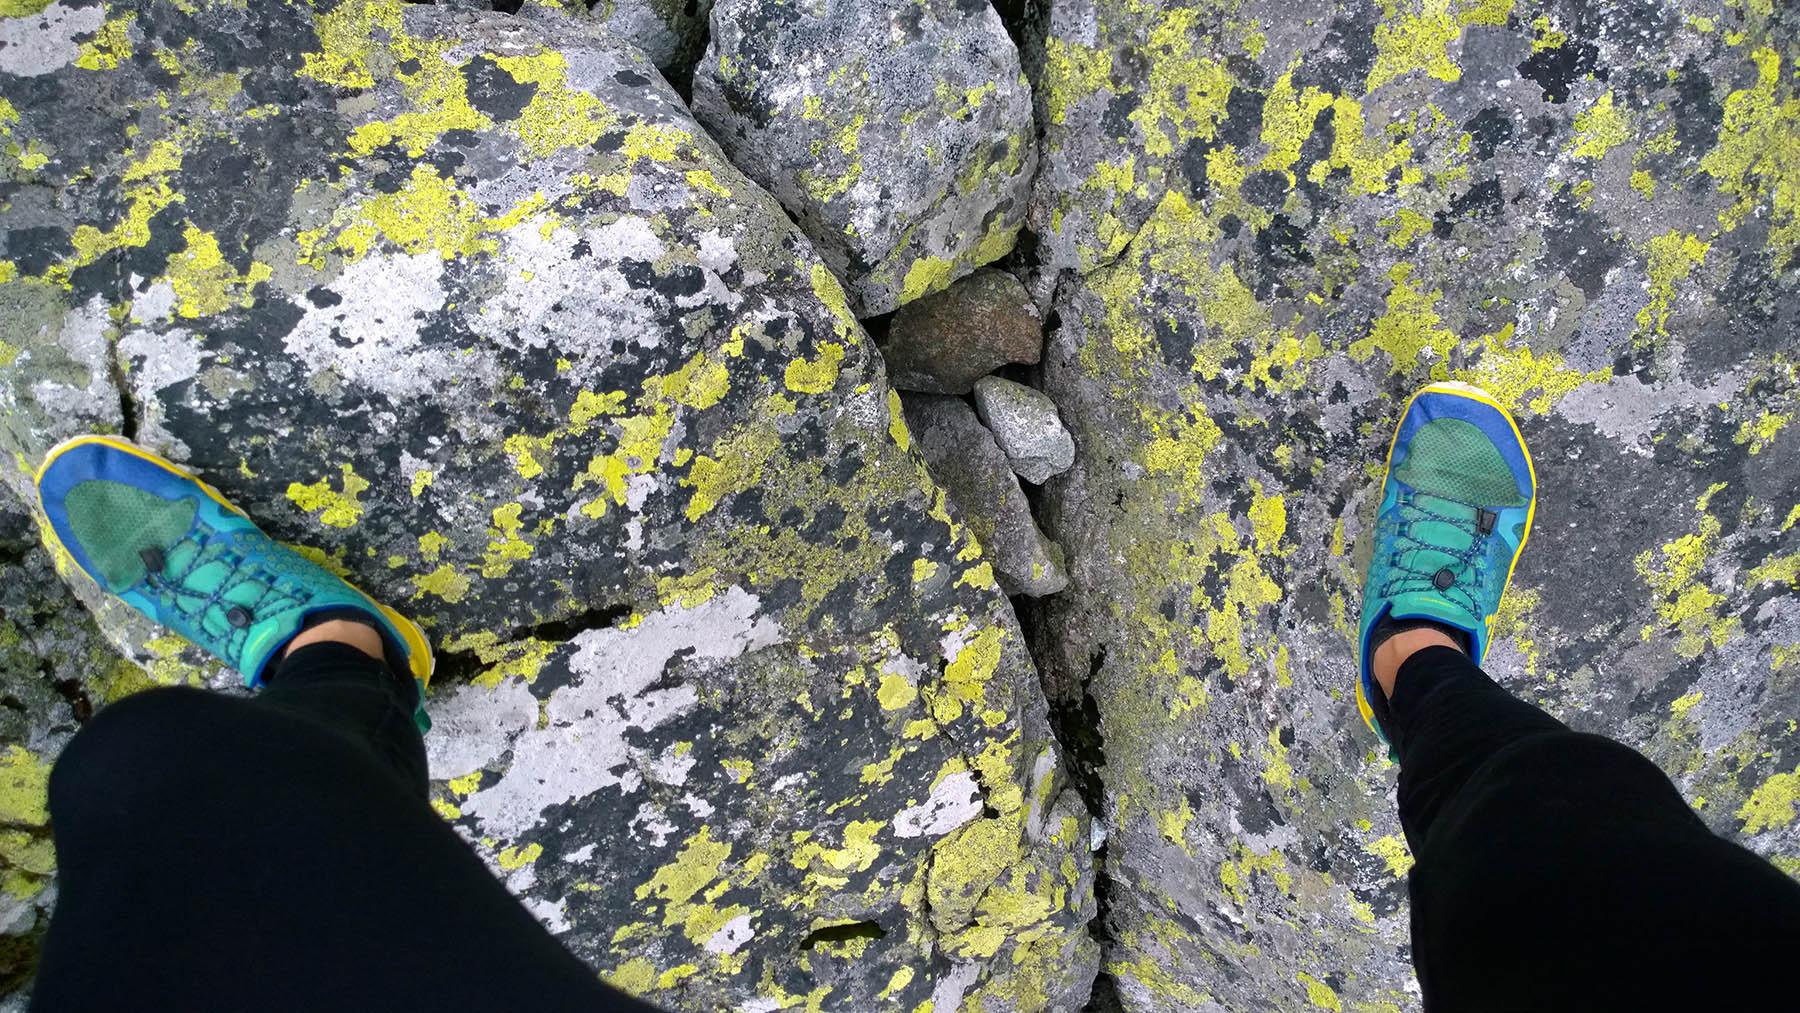 Vivo barefootky na kamennych doskach v Tatrach